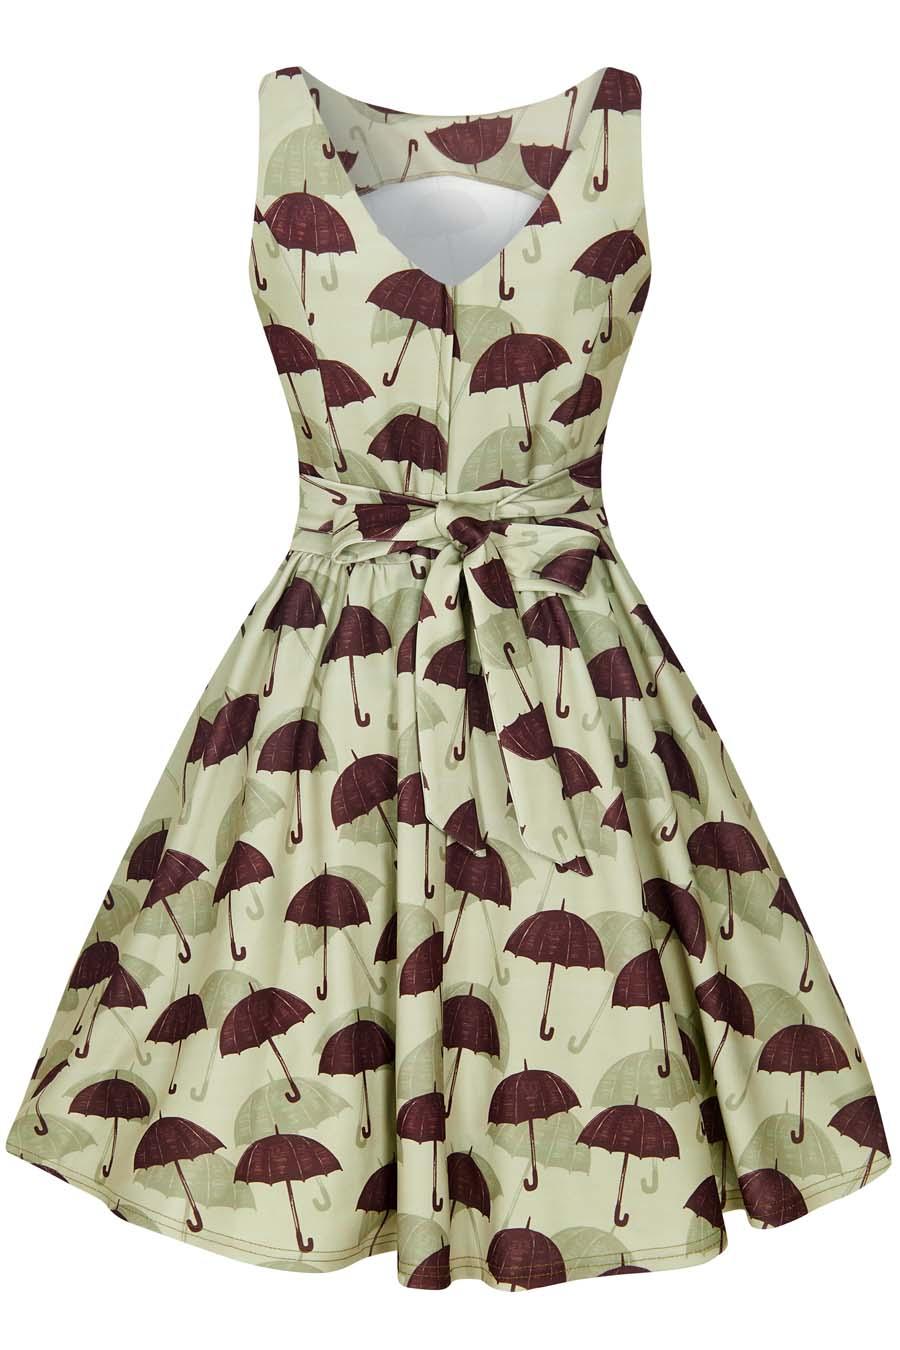 Retro šaty s deštníky Lady V London Tea úsměv v dešti Lady V London ... ab2e5cdfc6